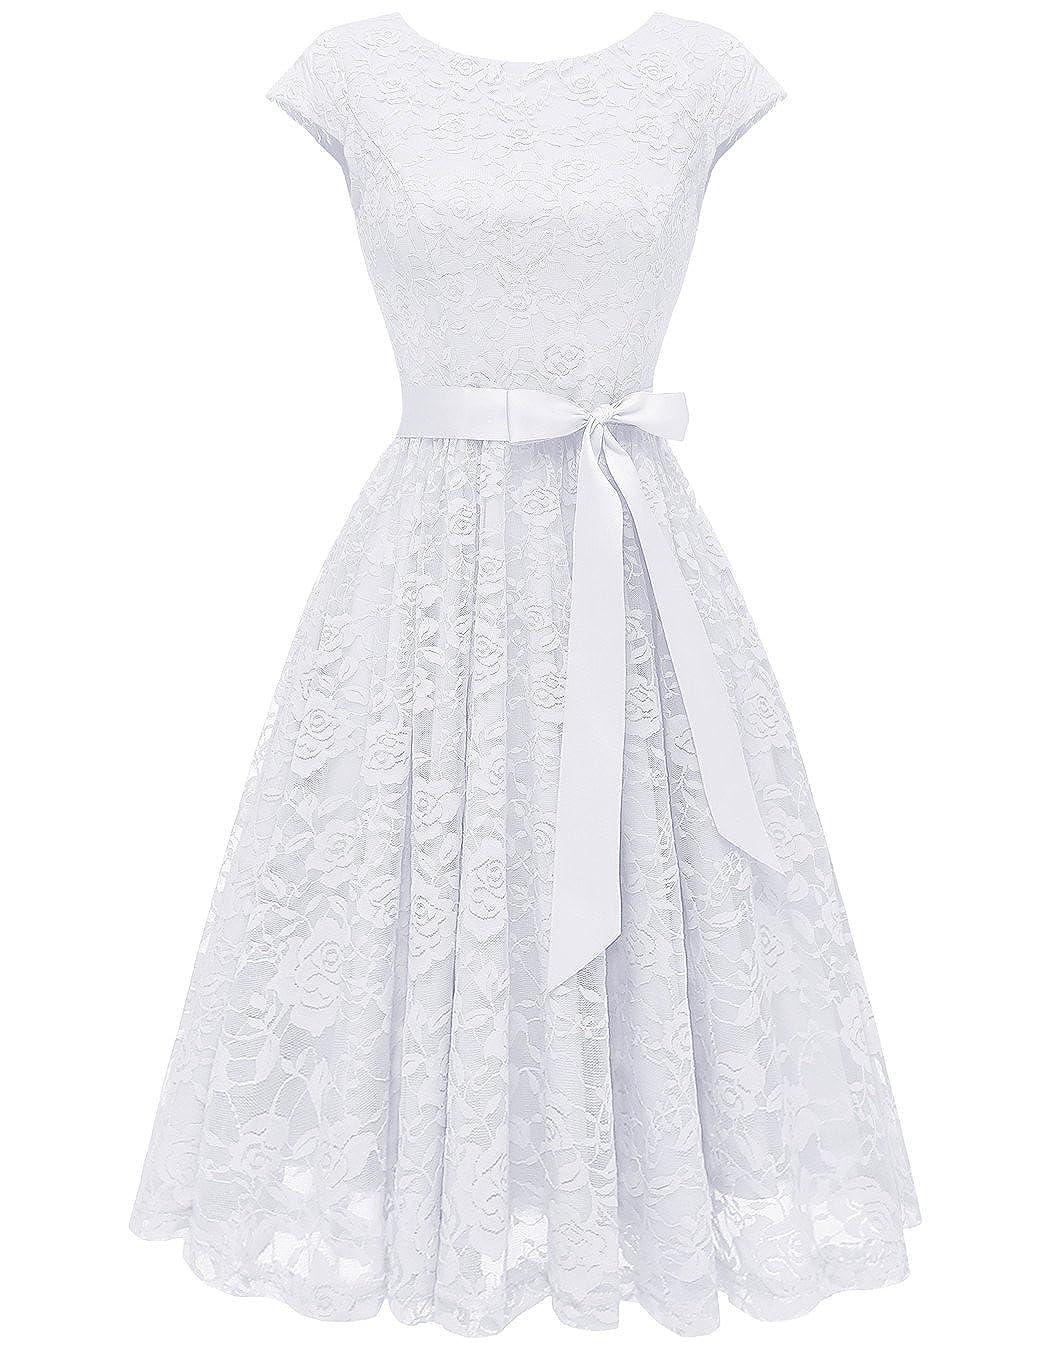 Berylove Frauen Elegantes Spitzen Knielang Brautjungfernkleid Cocktail Kleid Partykleider